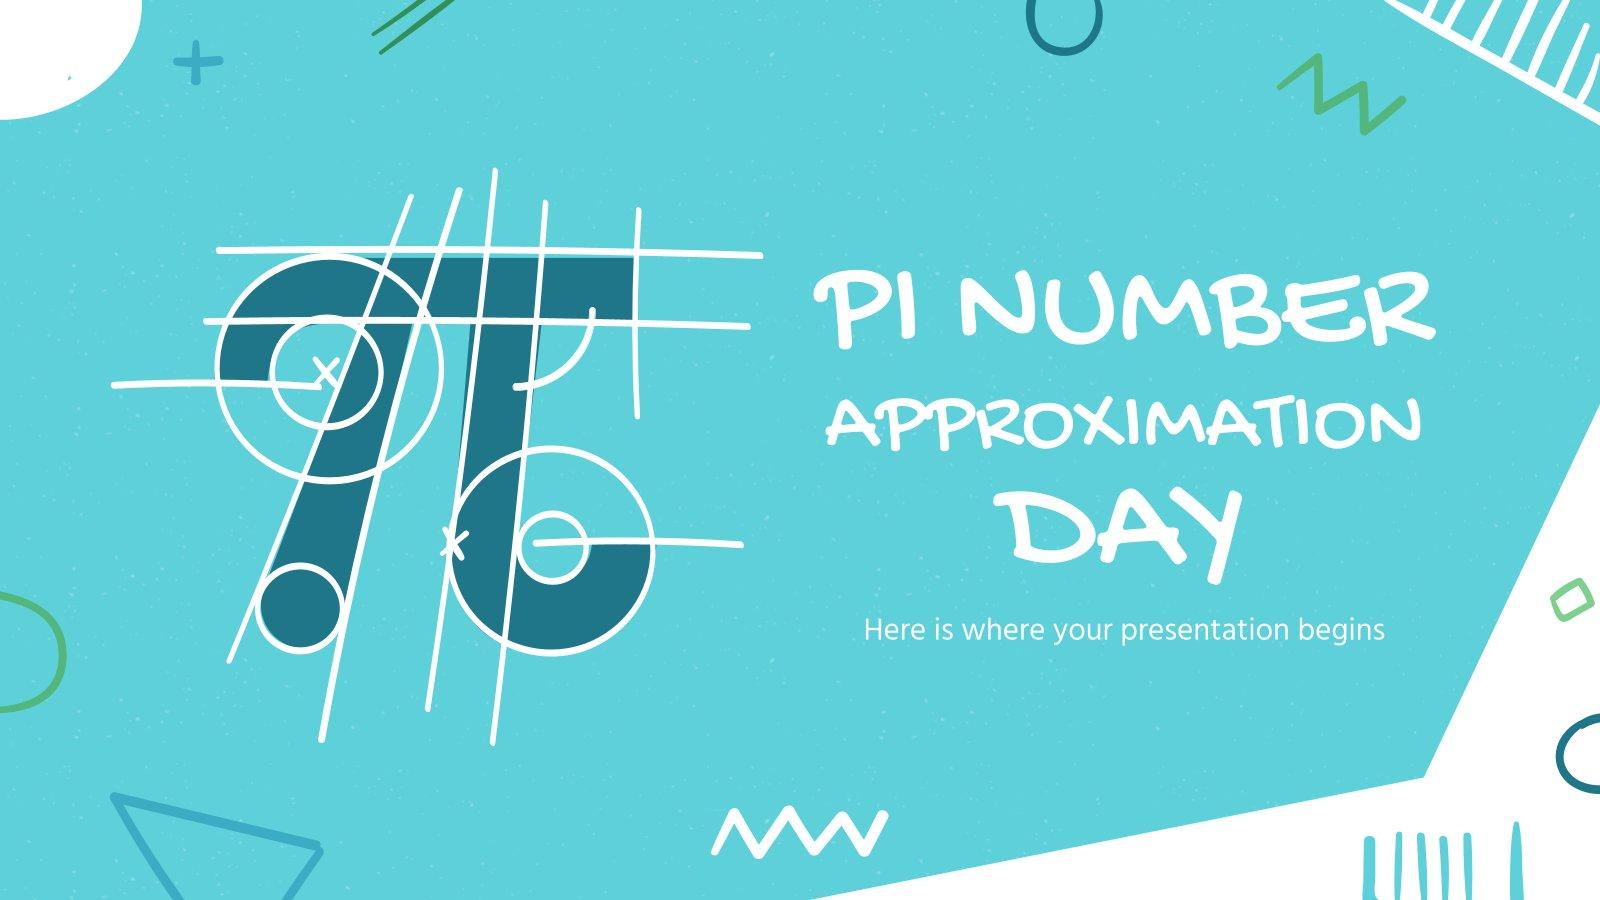 Journée de l'approximation de Pi : Modèles de présentation